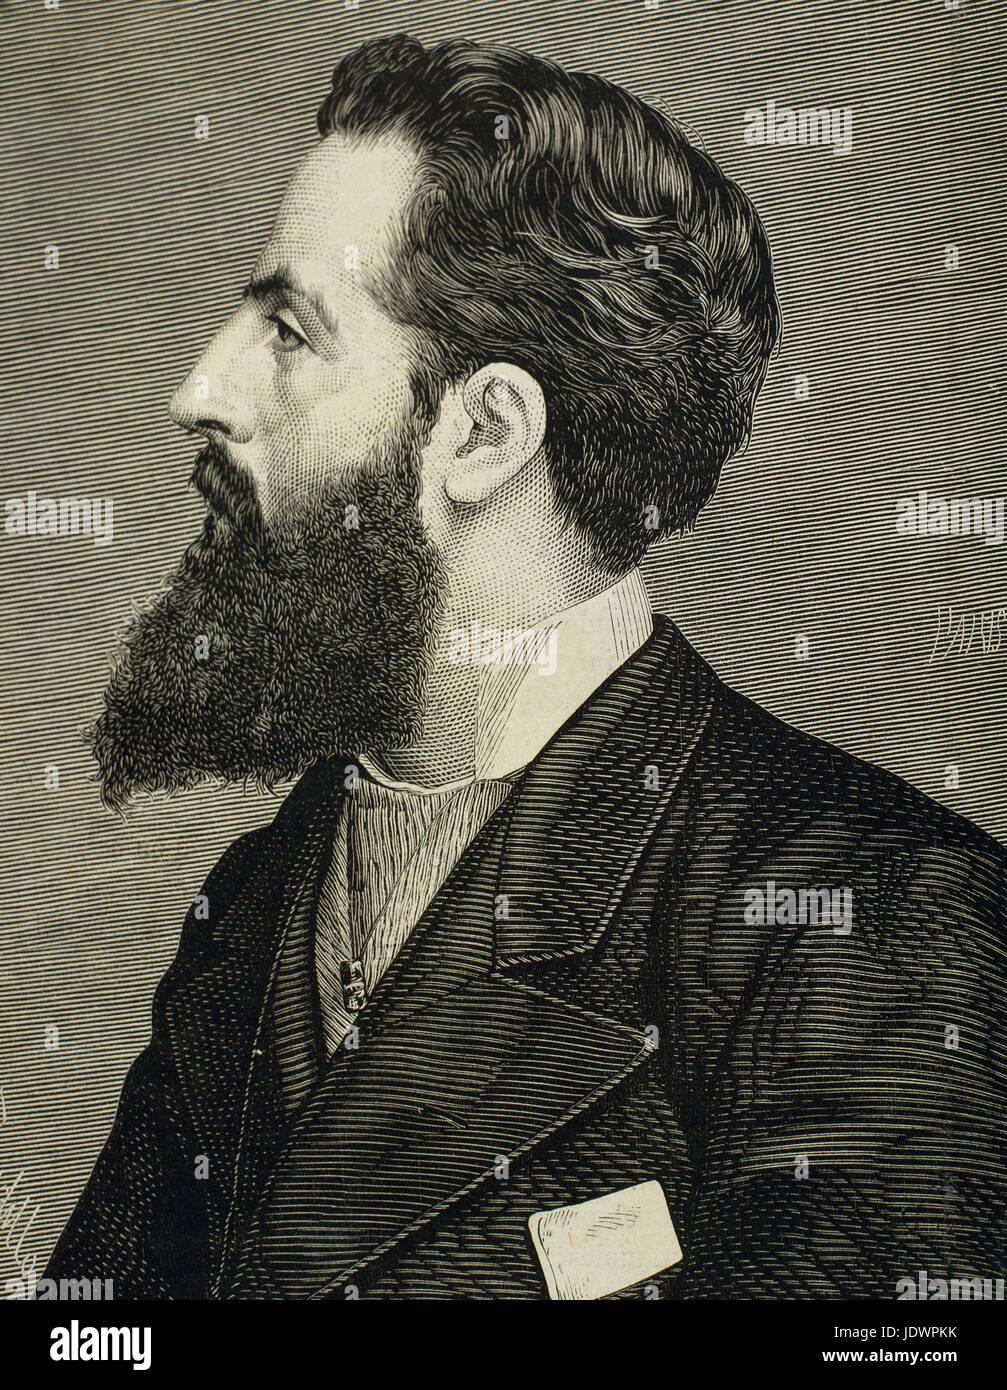 Alejandro Pidal y Mon (1846-1913). Spanish politician and academician. Portrait. Engraving by Paris. 'La Ilustracion - Stock Image